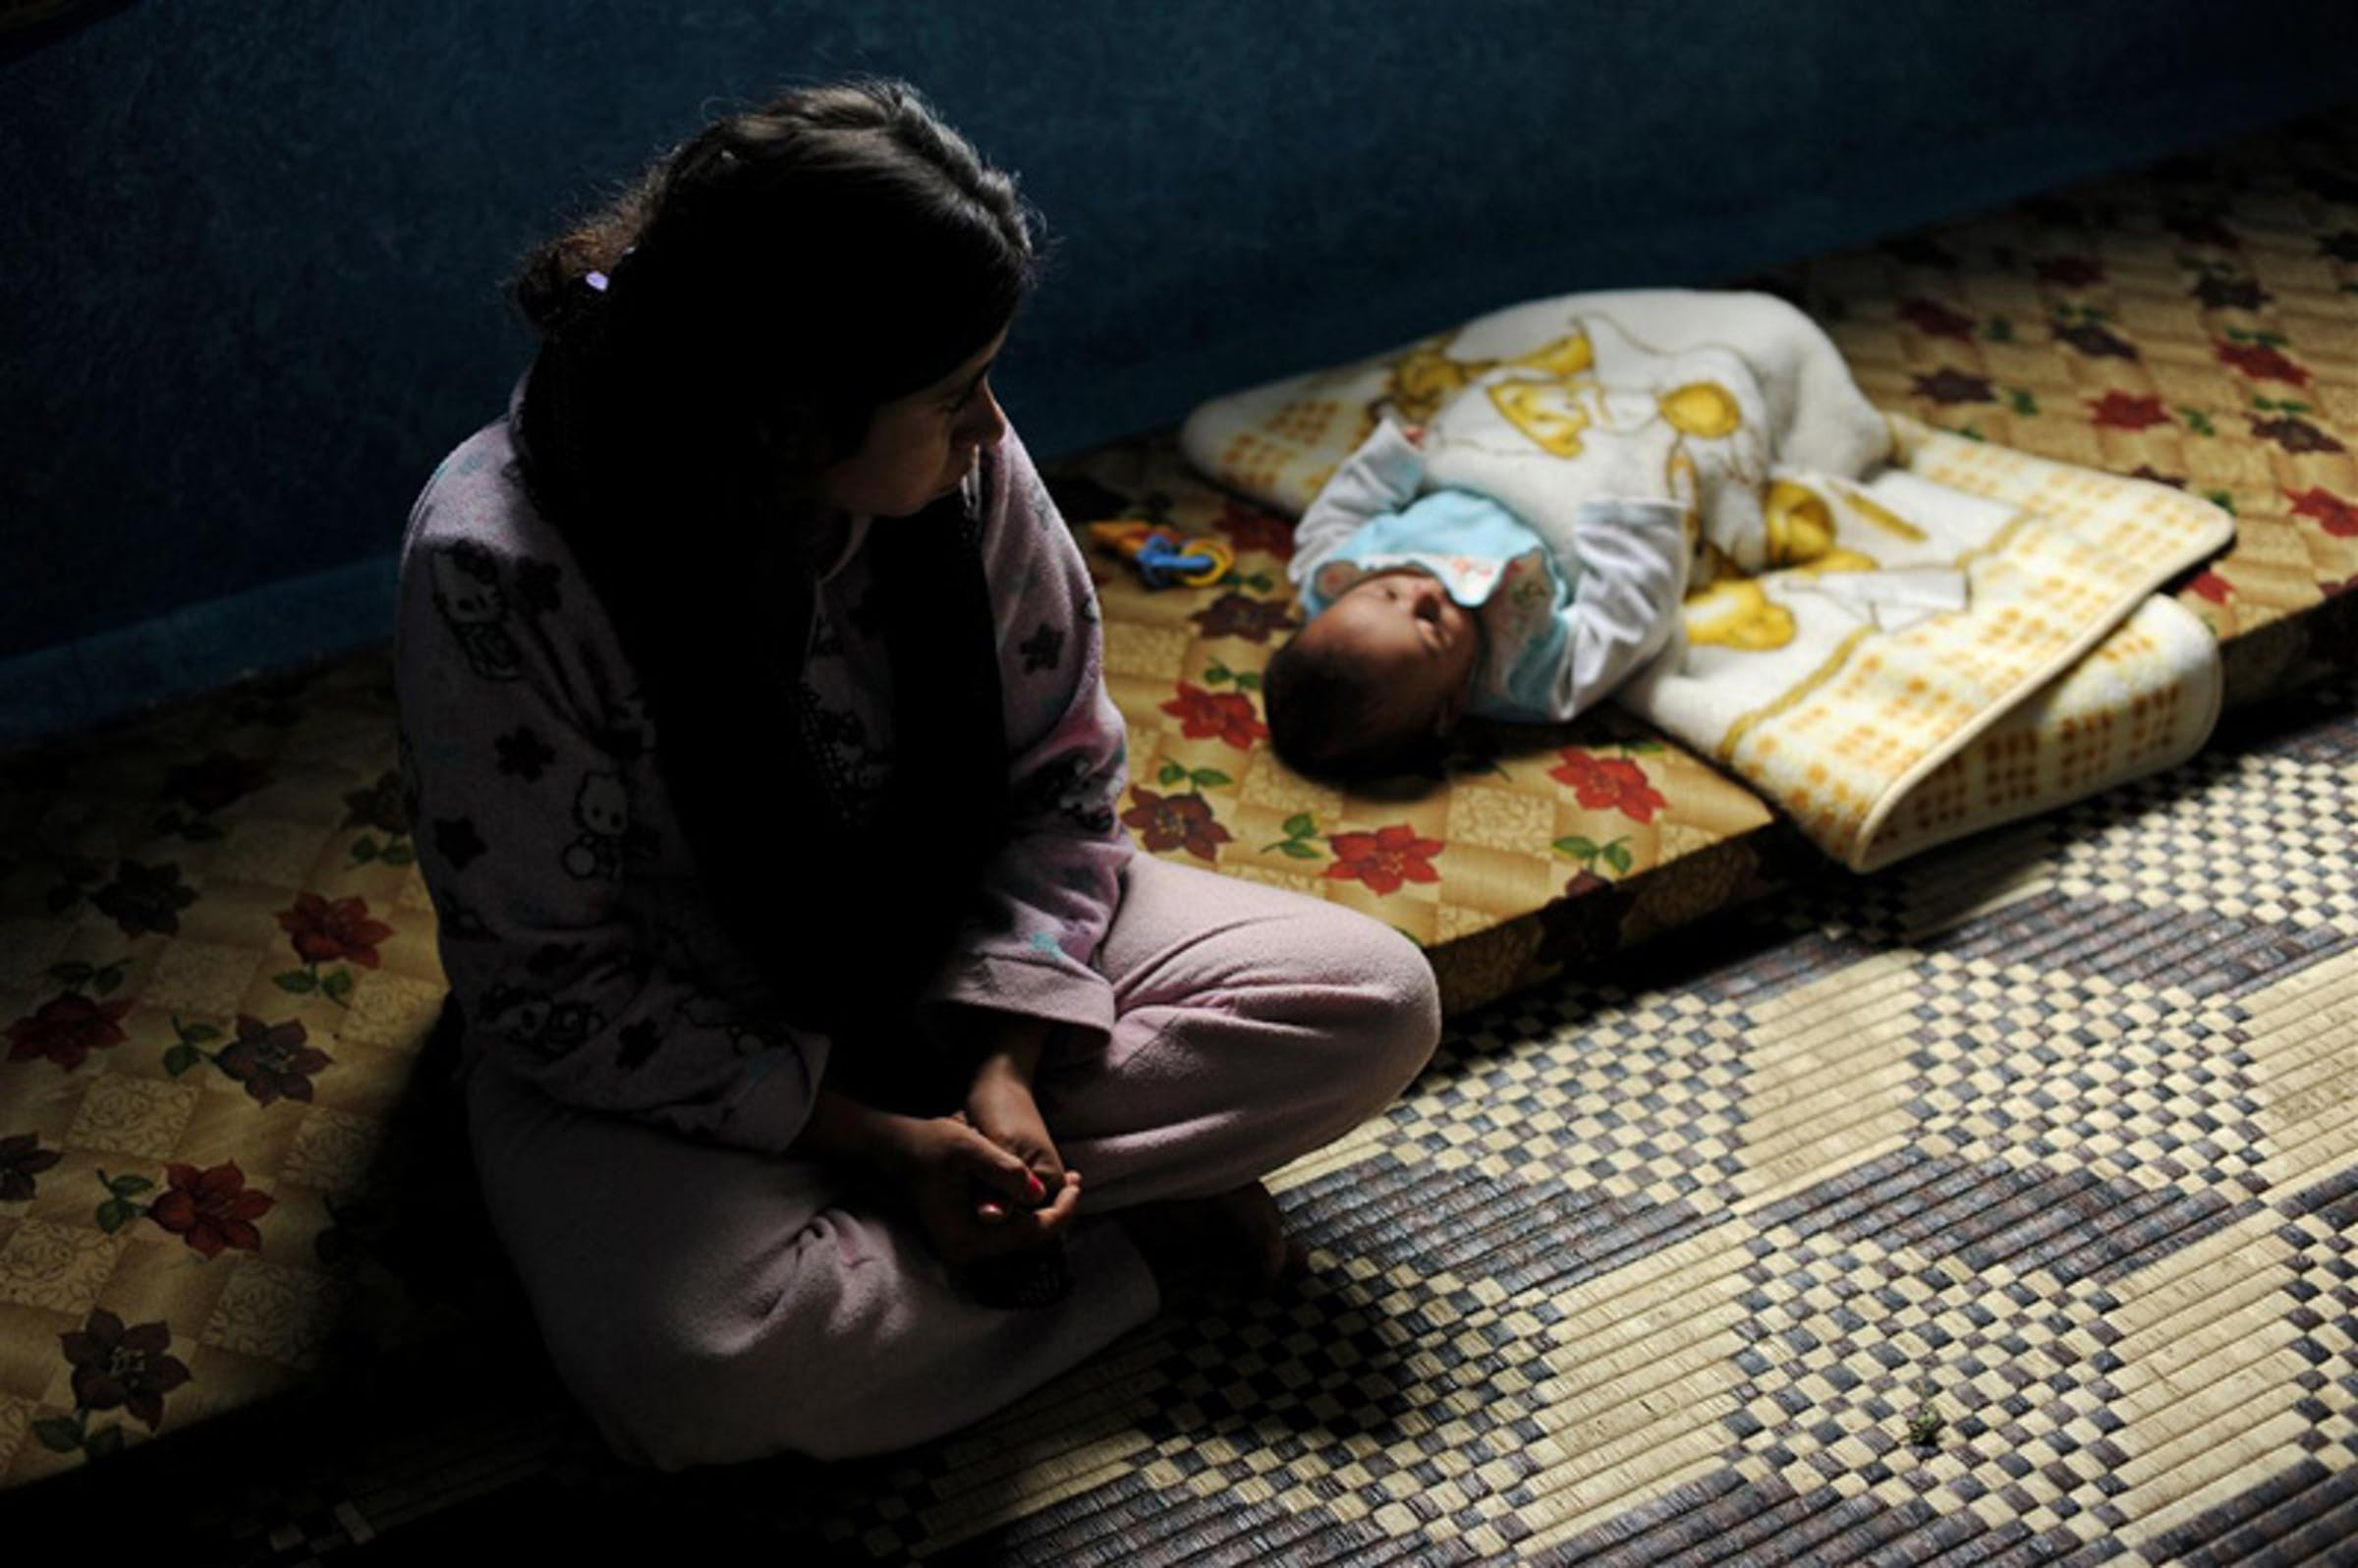 Una profuga siriana con il suo bambino, nel nord del Libano. La donna è fuggita dalla Siria incinta di 8 mesi e ha avuto un parto prematuro - ©UNICEF/NYHQ2012-0226/Brooks